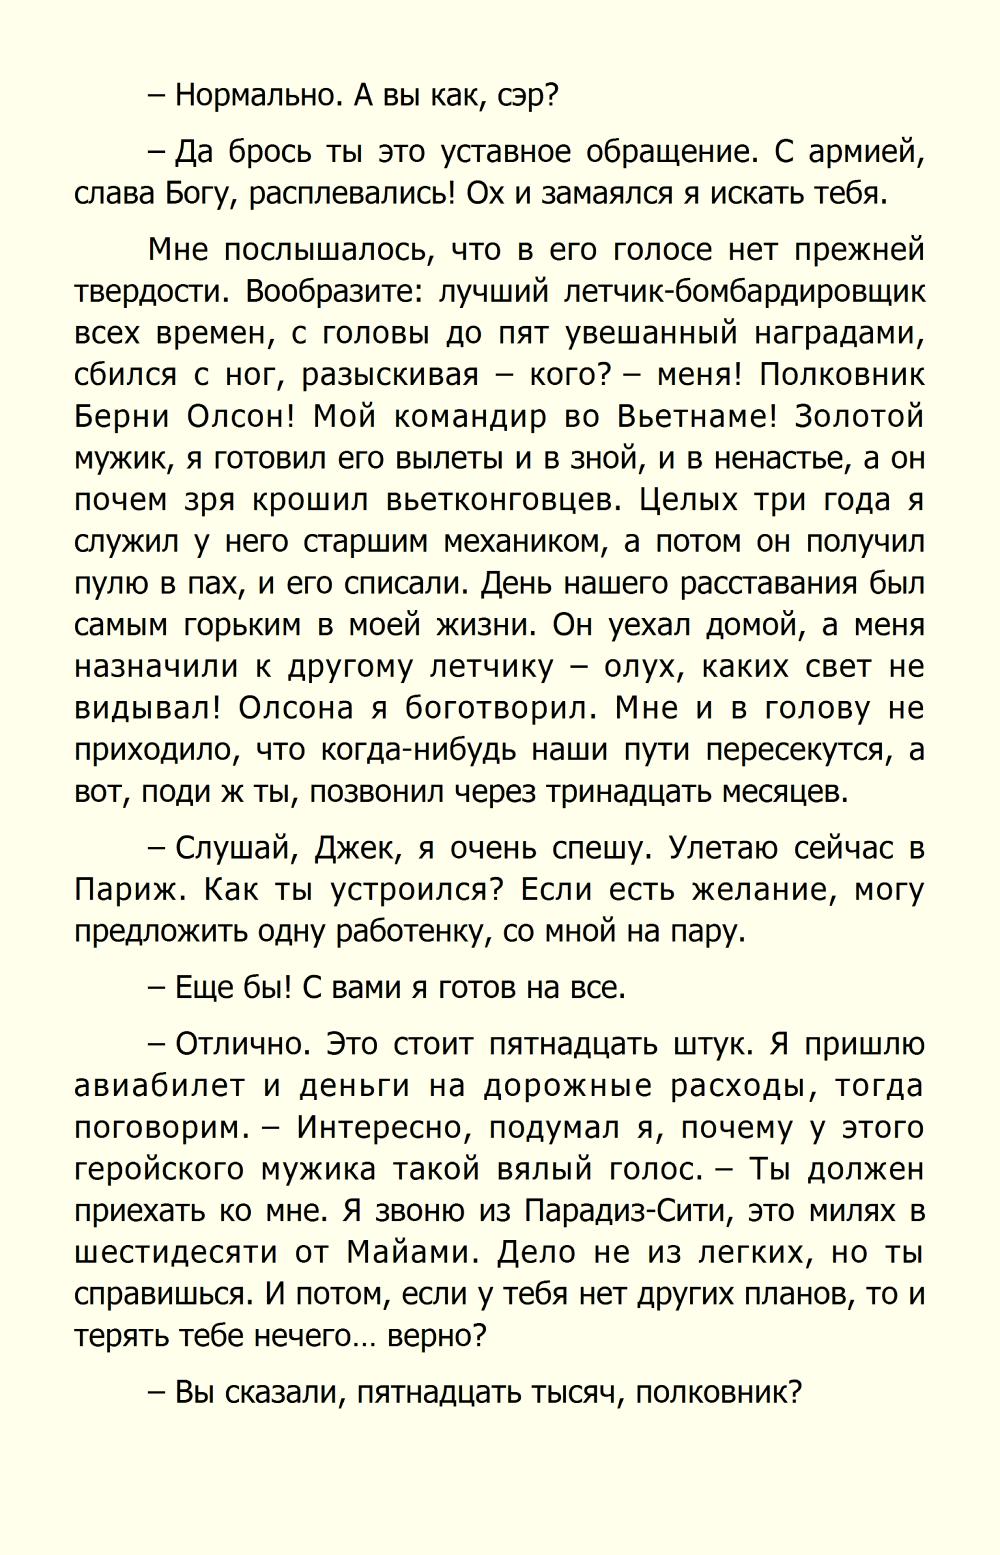 http://i1.imageban.ru/out/2013/11/28/e8e17cab8ba12cb29c1241d53bc9fa3a.jpg